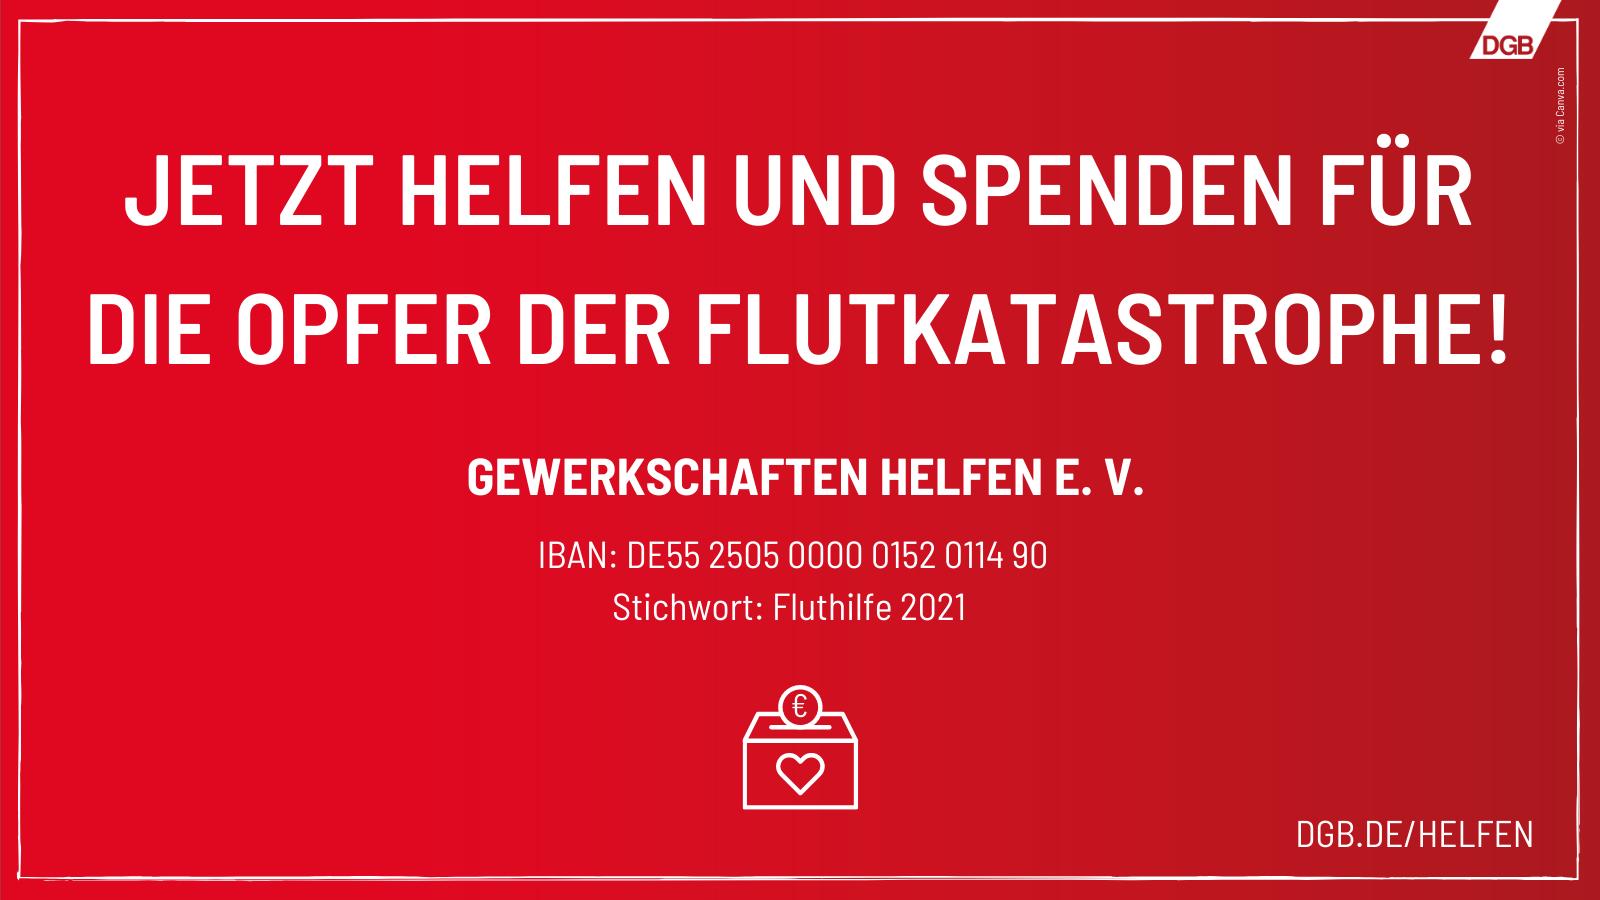 Spendenaufruf des DGB für die Opfer der Flutkatastrophe